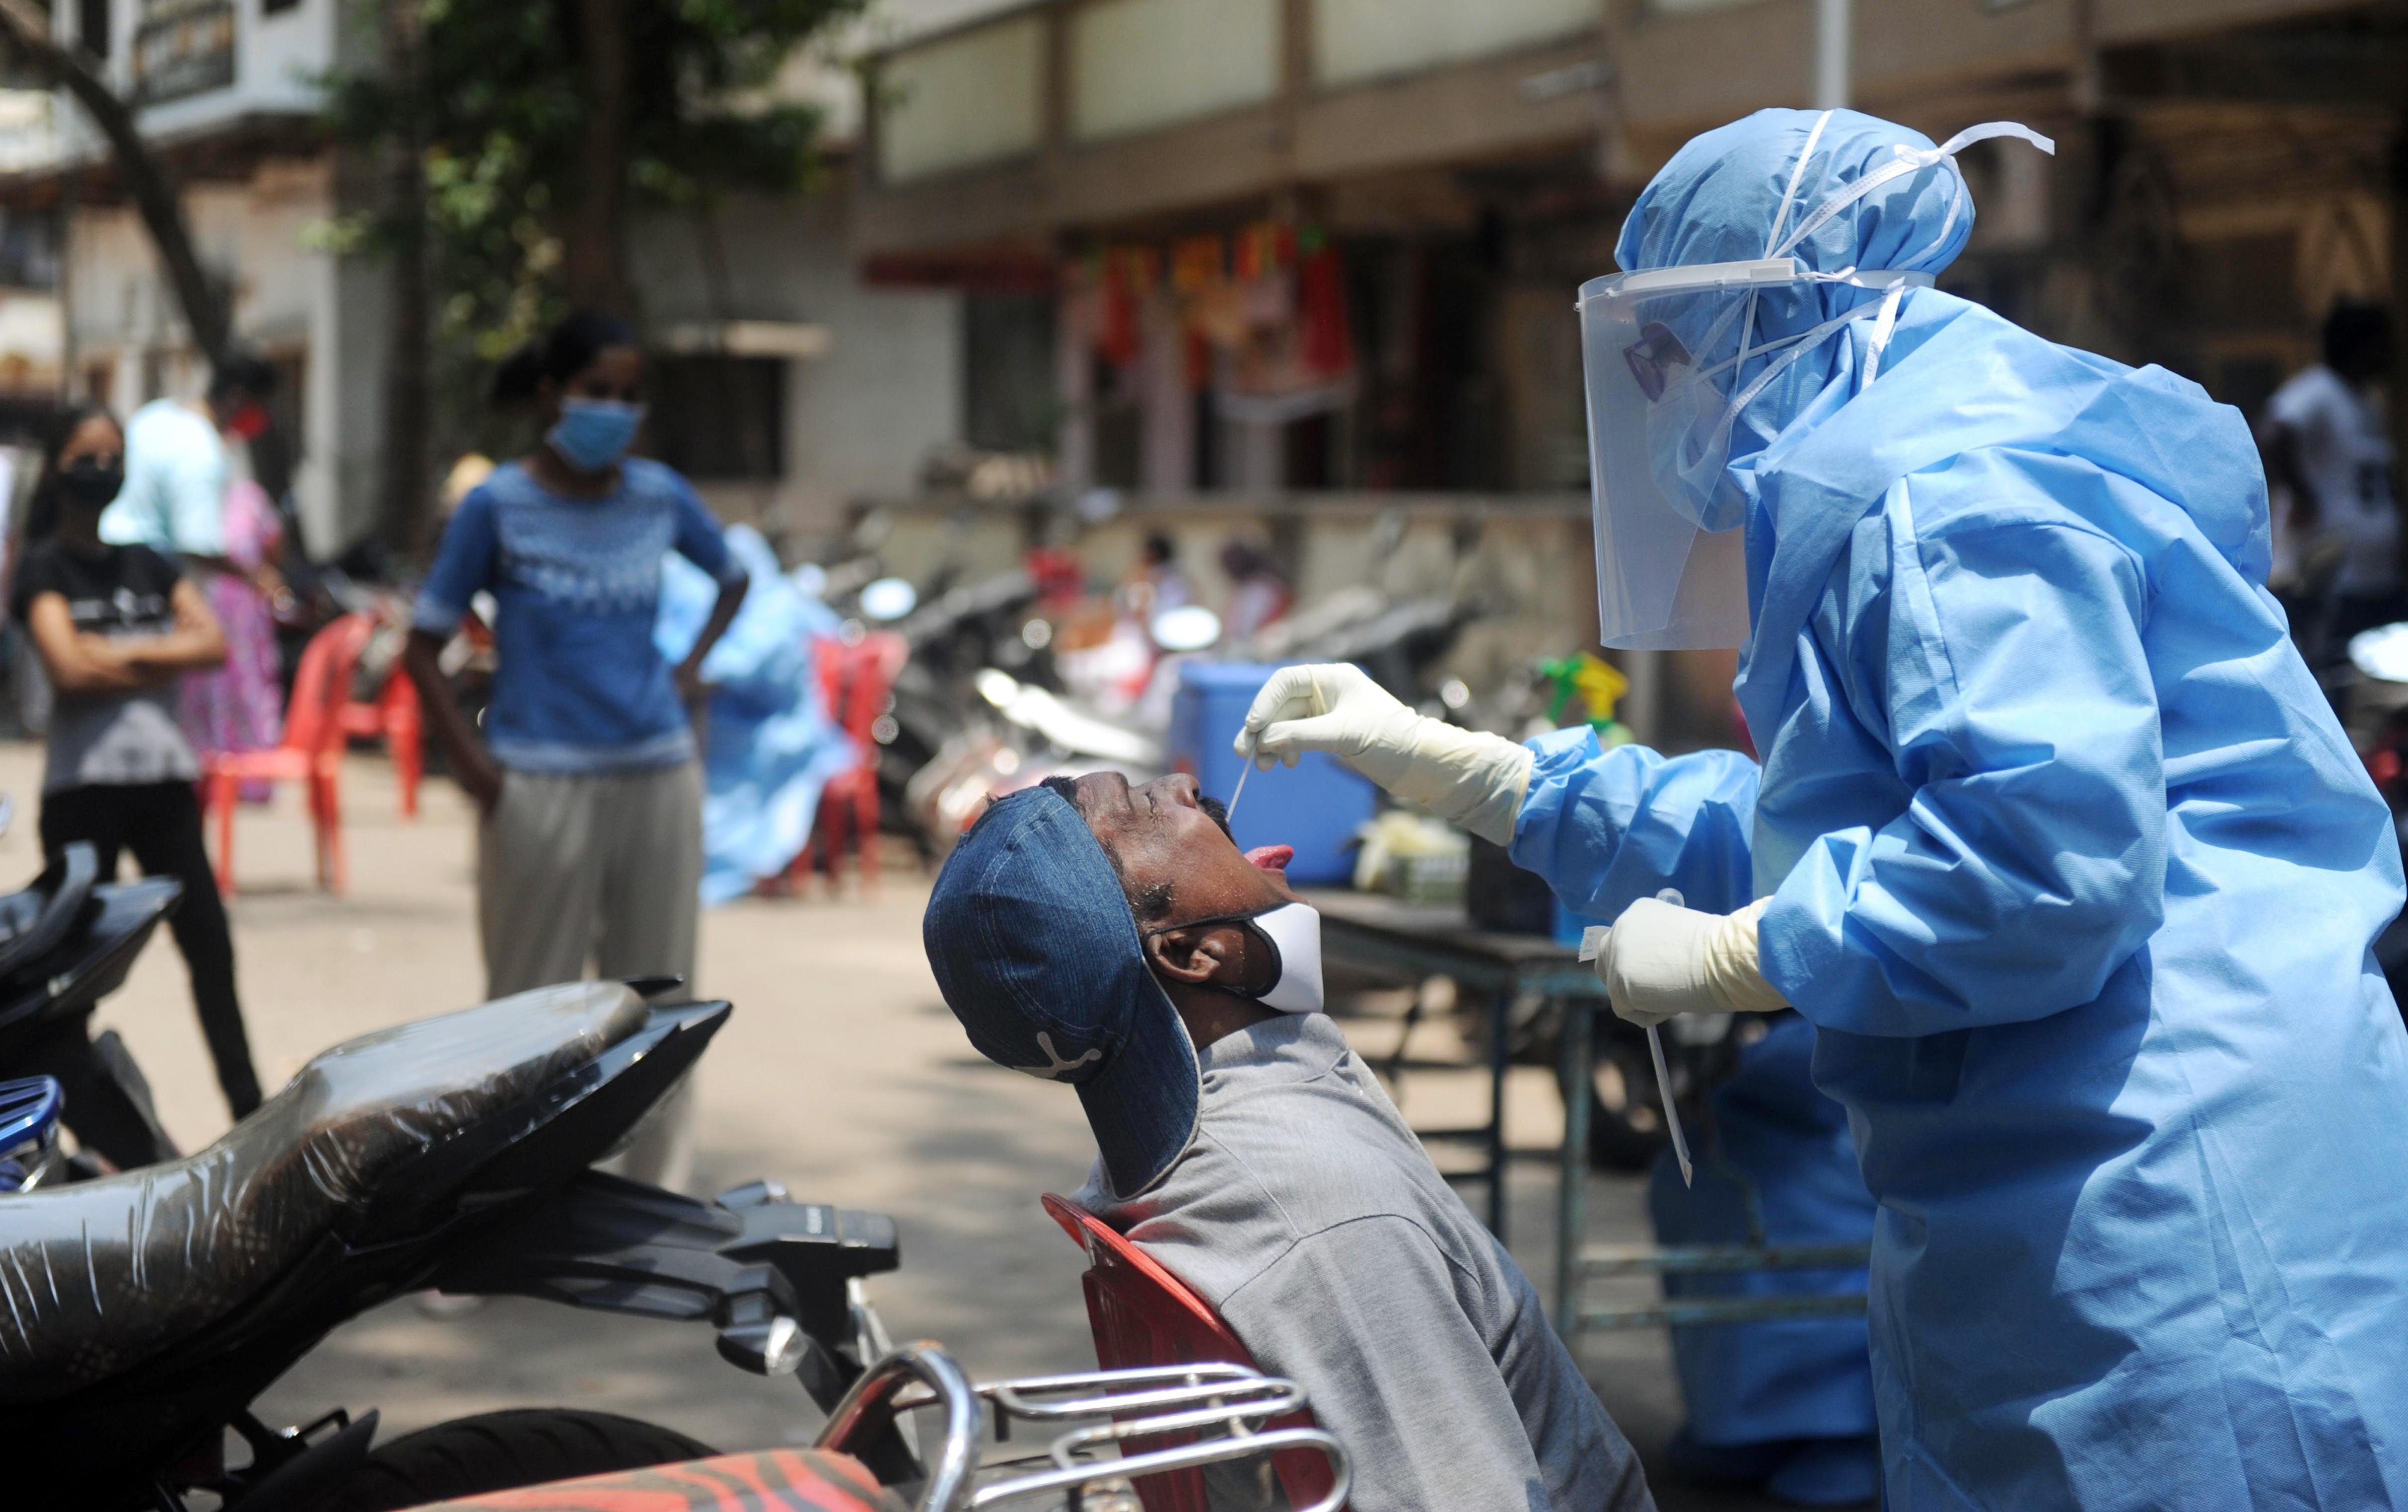 Tốc độ lây nhiễm Covid-19 tại Ấn Độ đang chậm lại từ khi cách ly Ảnh 1